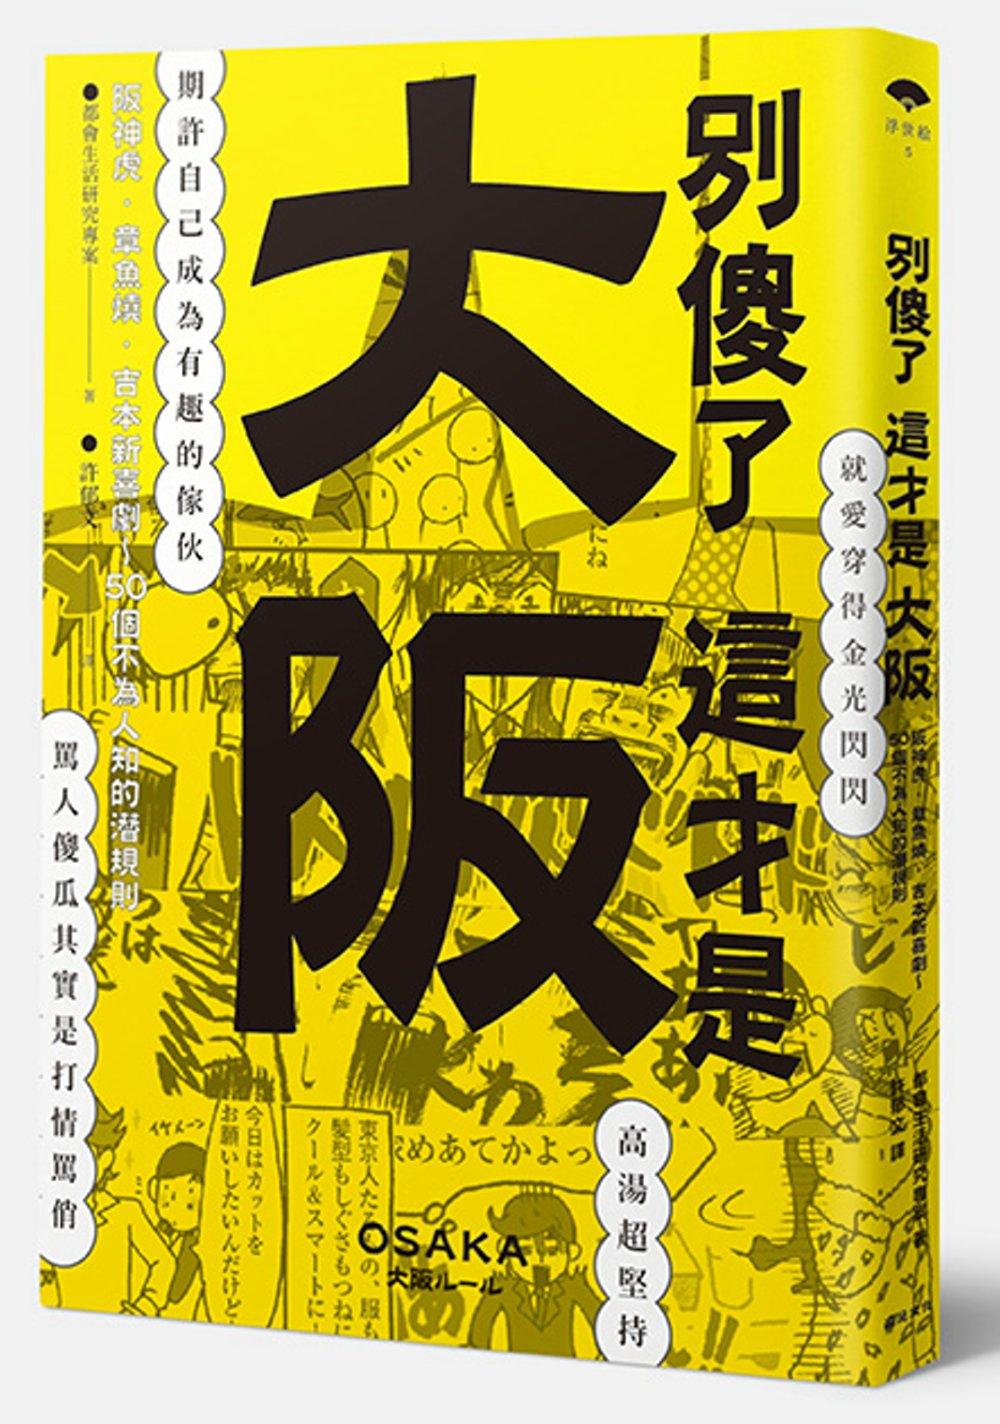 別傻了 這才是大阪:阪神虎‧章魚燒‧吉本新喜劇…50個不為人知的潛規則